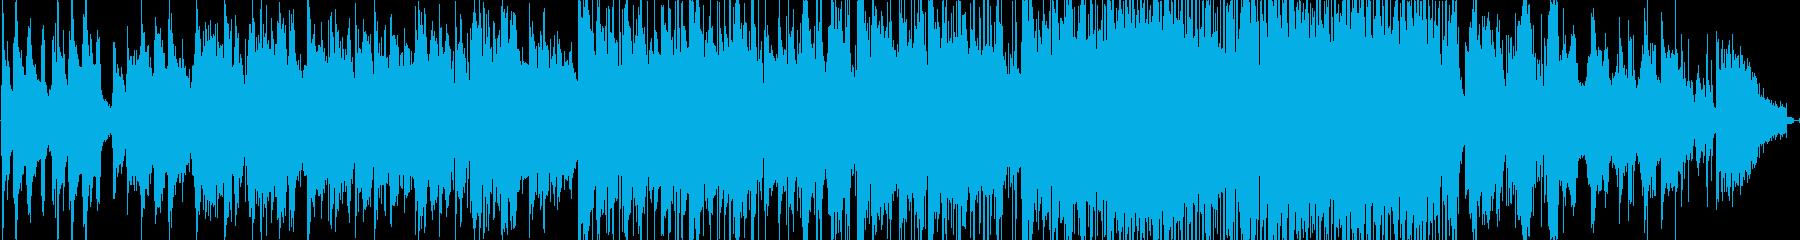 渋い感じのスローなジャズの再生済みの波形